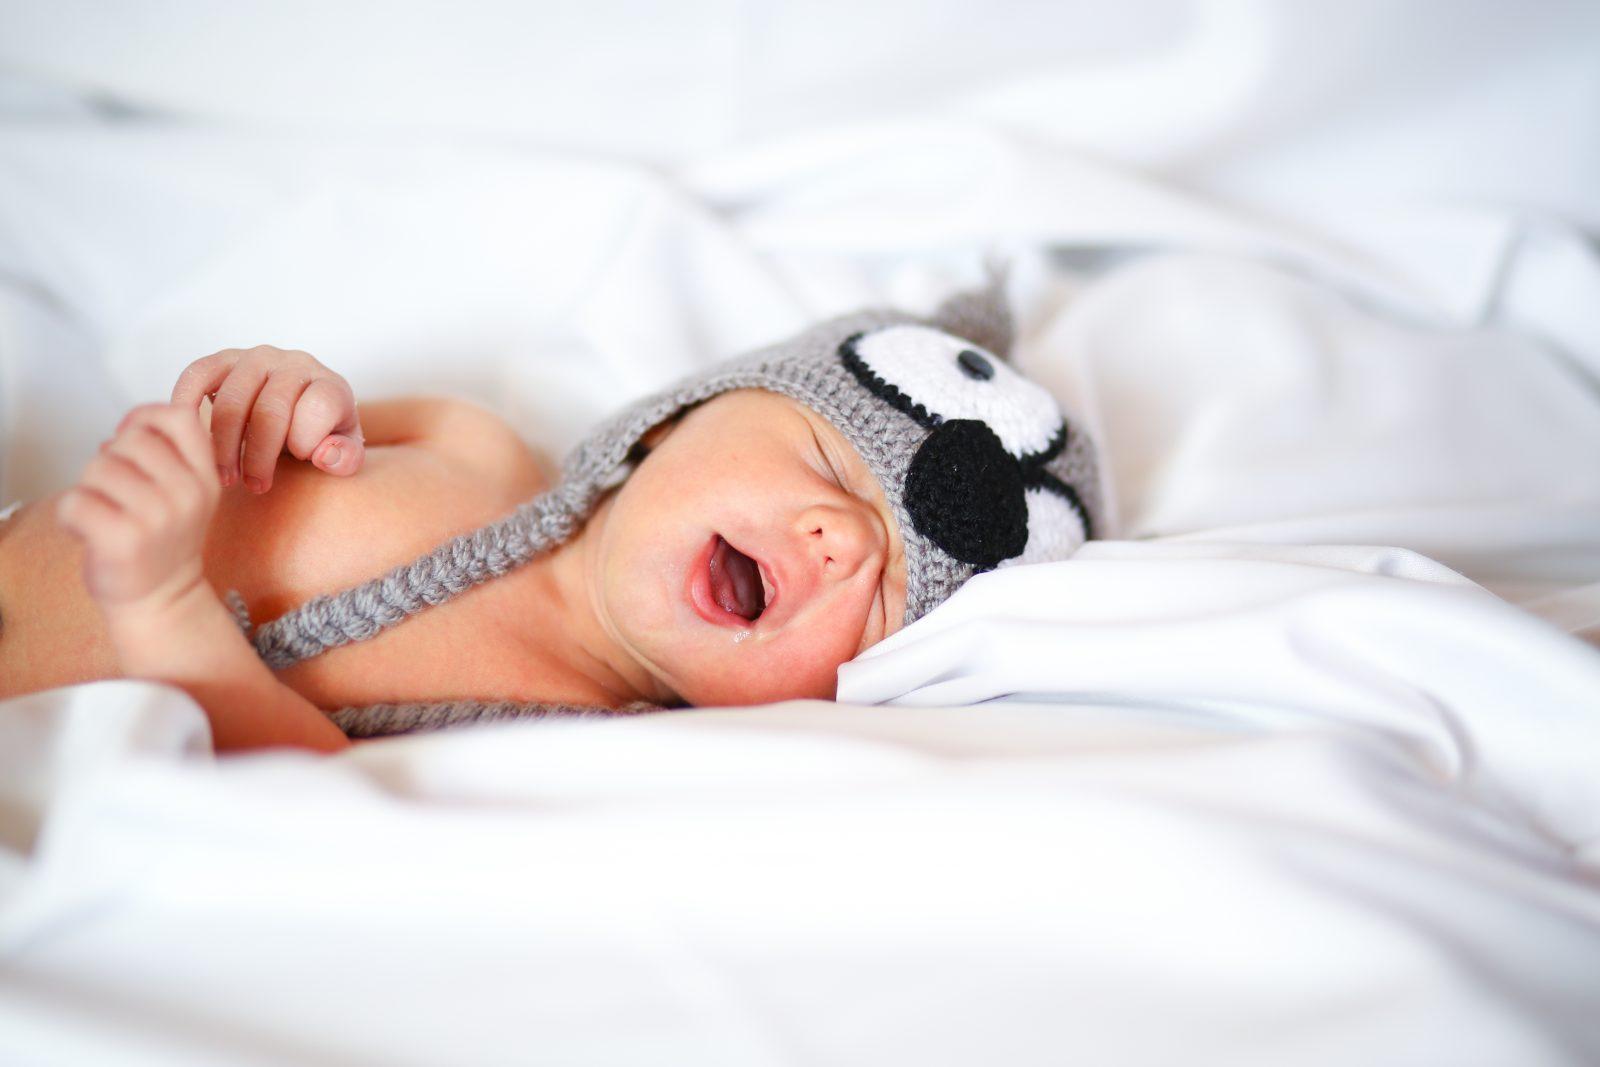 Le poids est lié à l'origine sociale dès la naissance, selon une étude